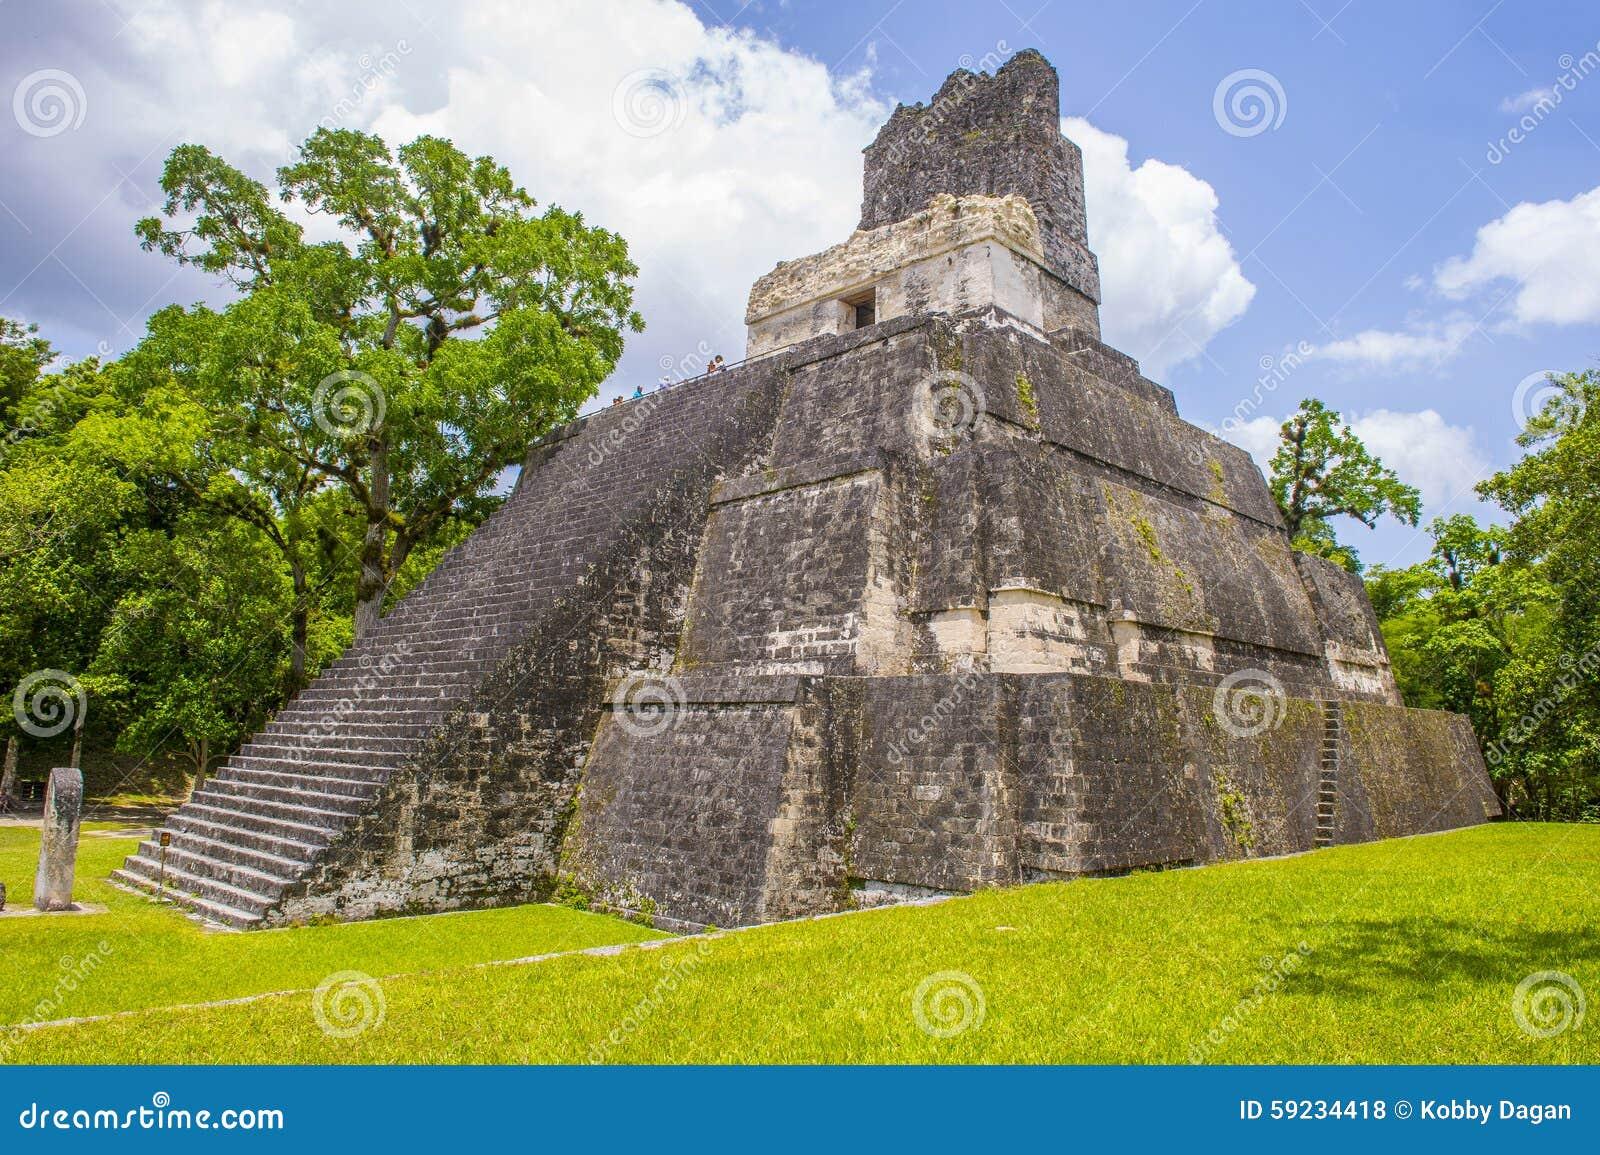 Download Parque nacional de Tikal foto de archivo editorial. Imagen de historia - 59234418